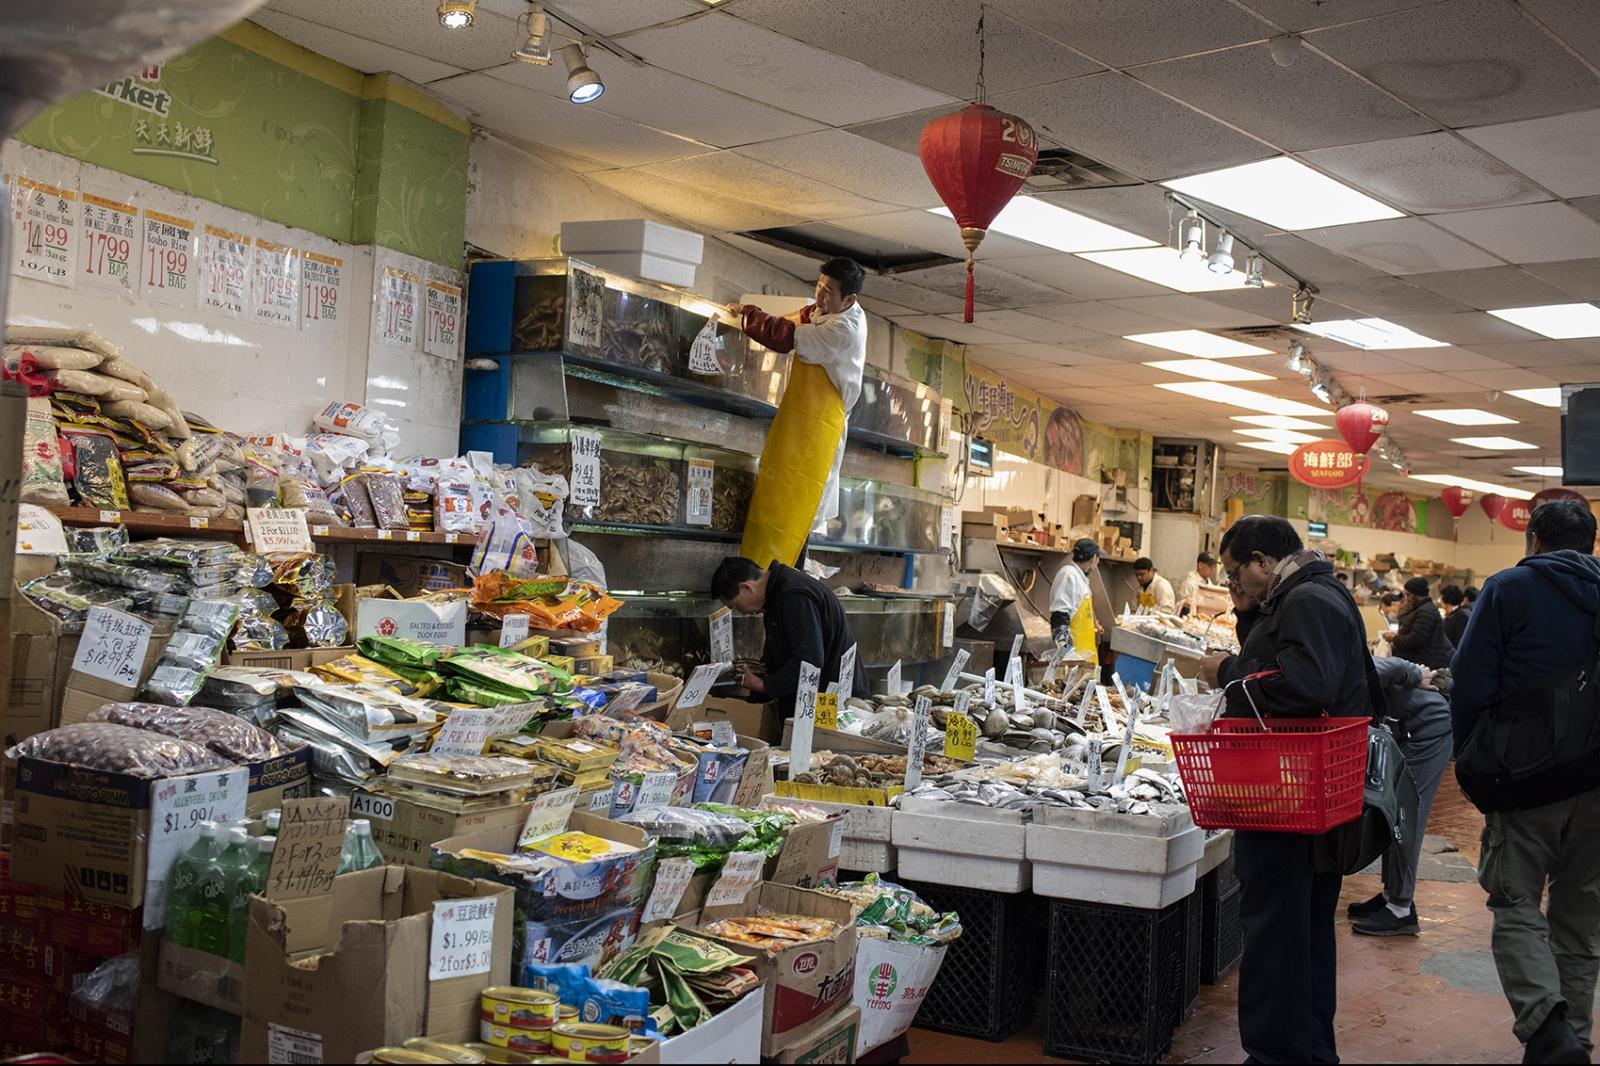 Market in Flushing asian neighborhood in Queens